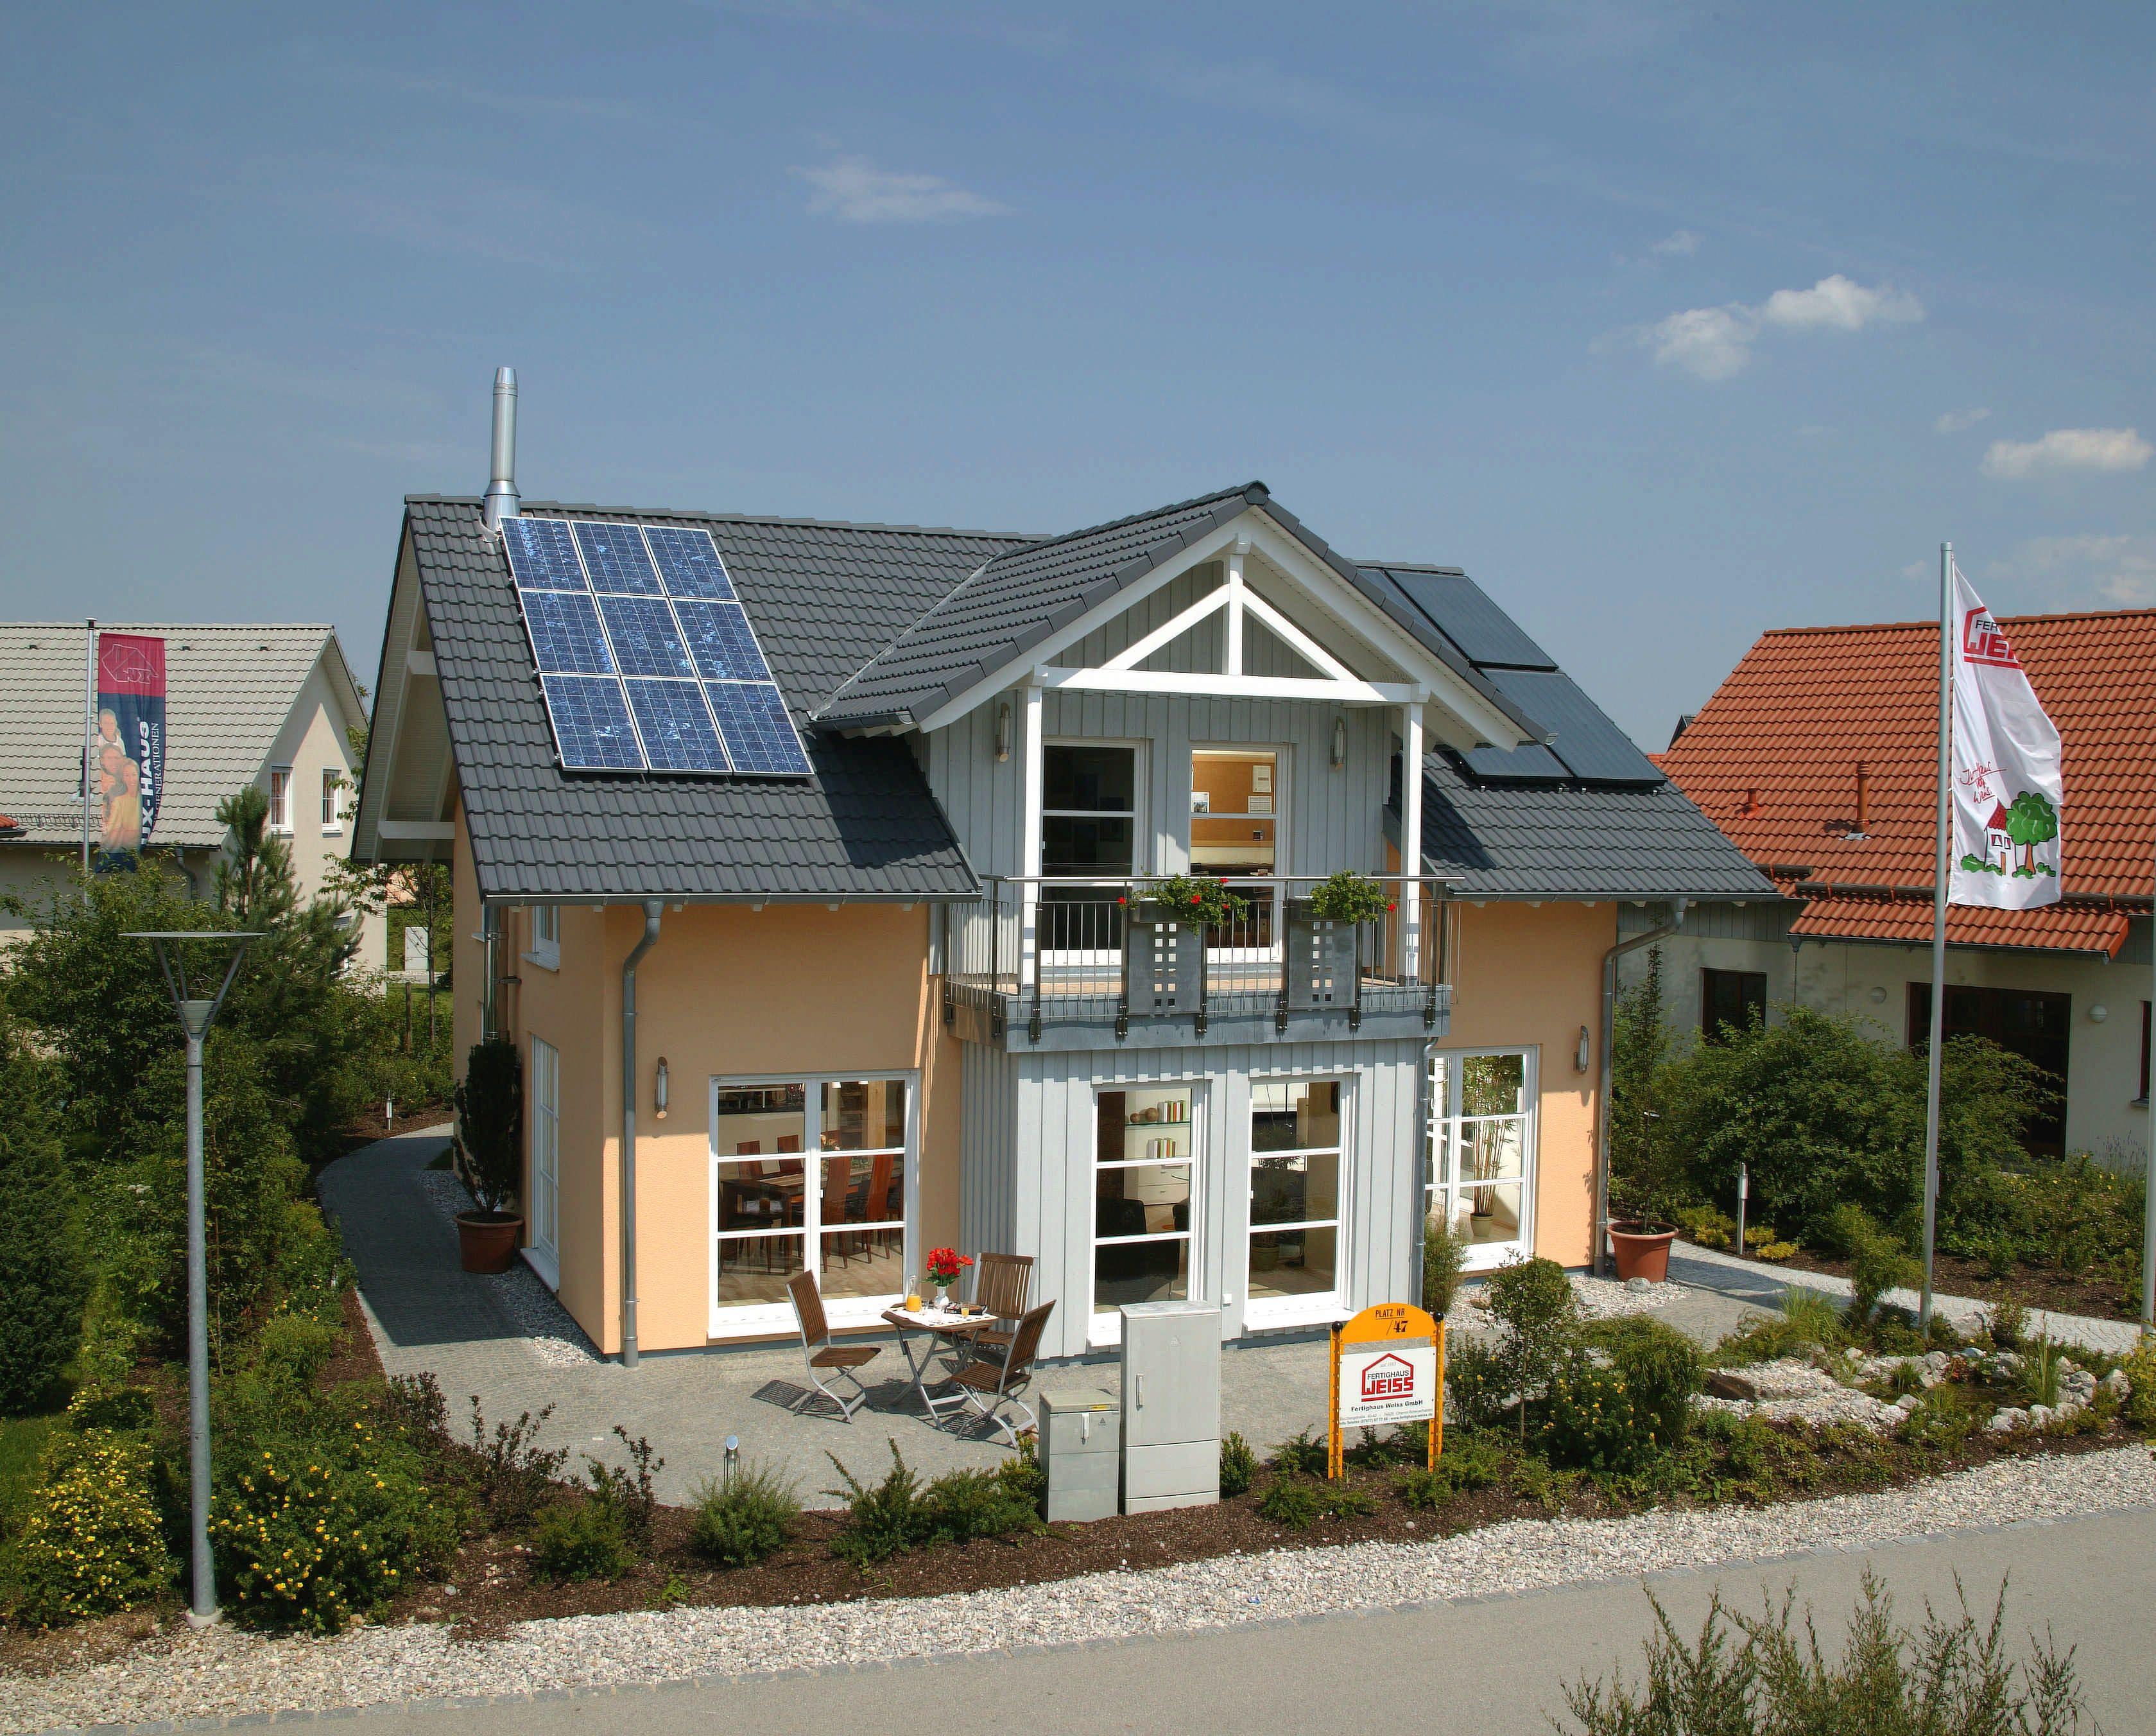 Musterhaus Poing außenansicht haus poing fertighaus weiss bavaria musterhaus